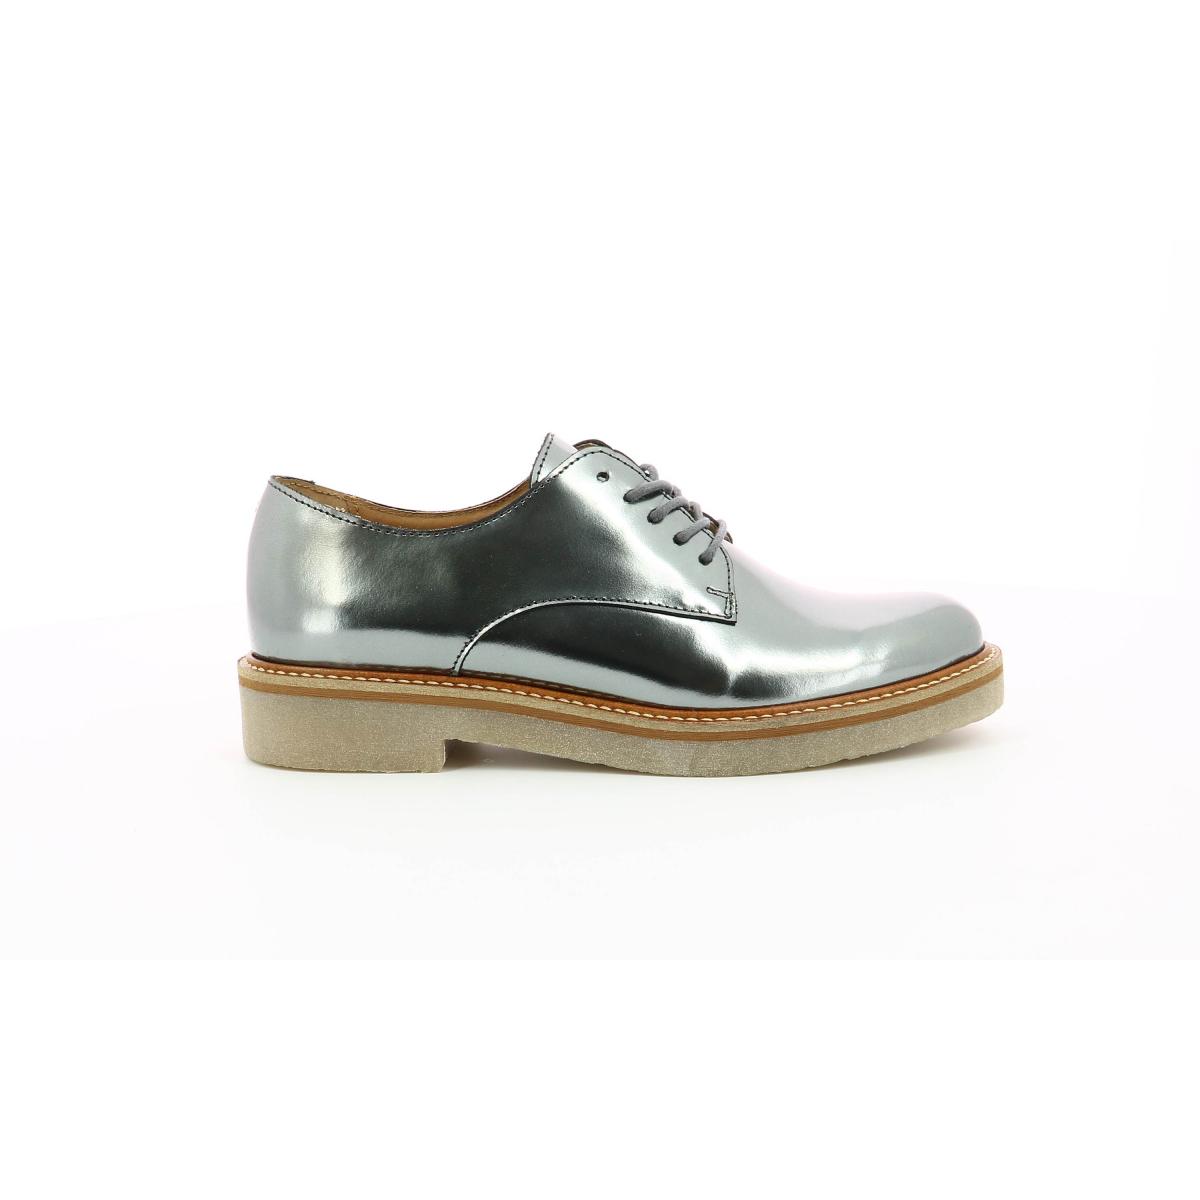 Derbies pour femme Oxfork gris foncé mirroir Chaussures